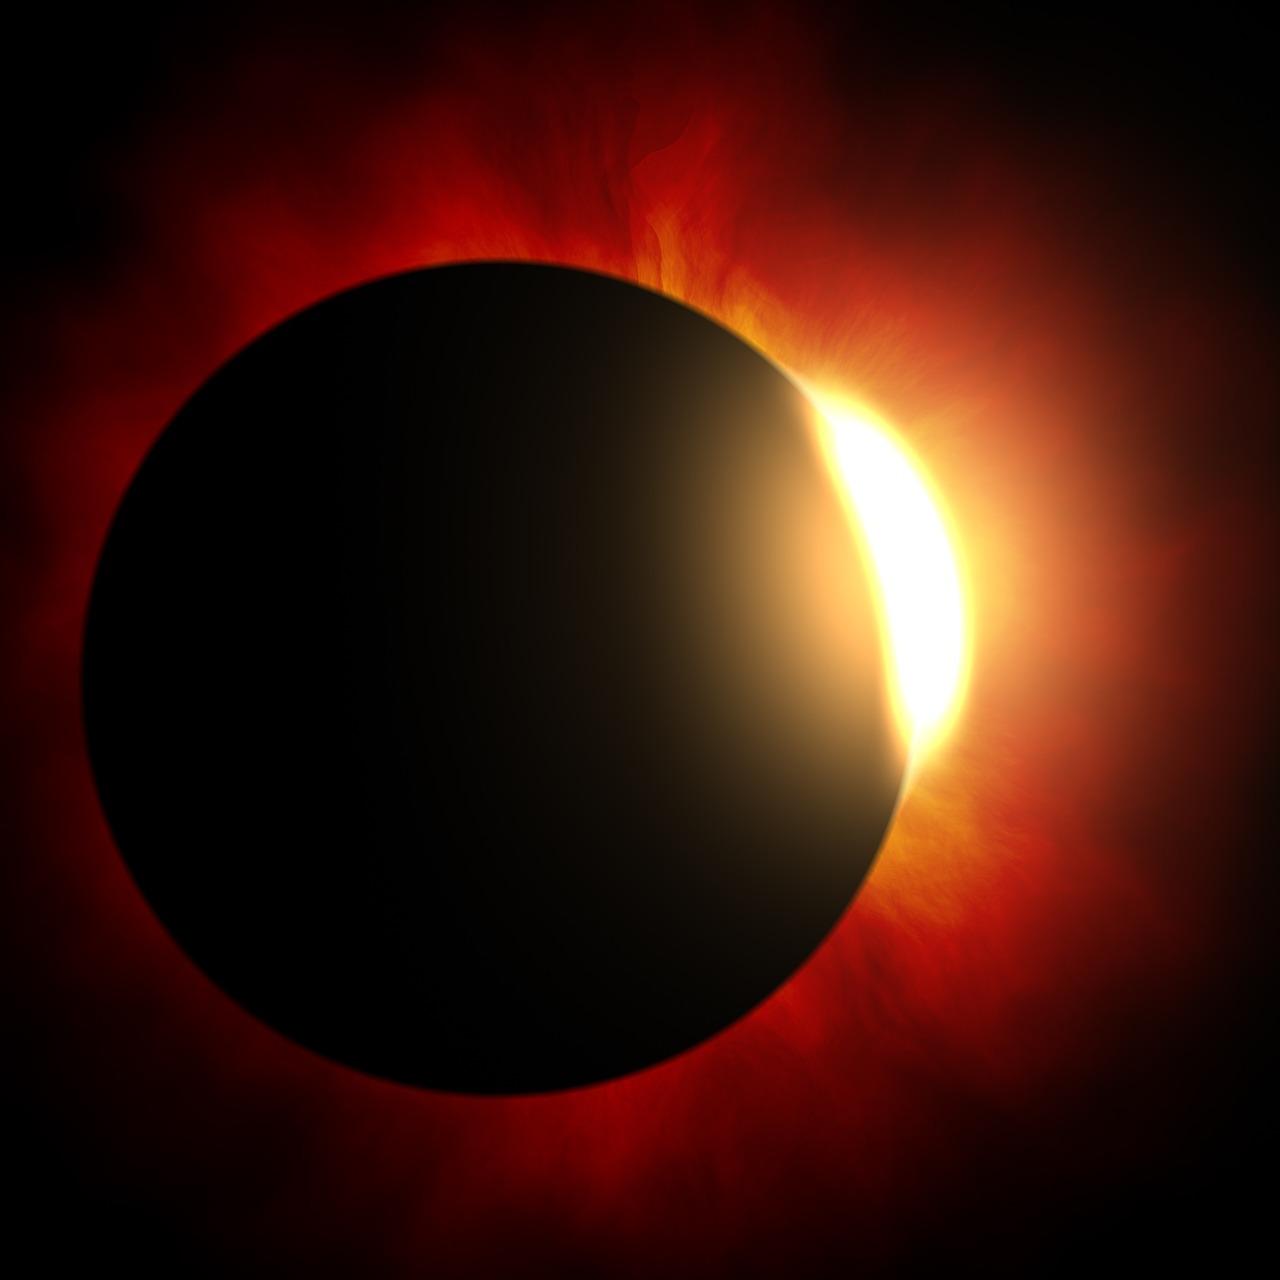 pannelli fotovoltaici con un'eclissi solare